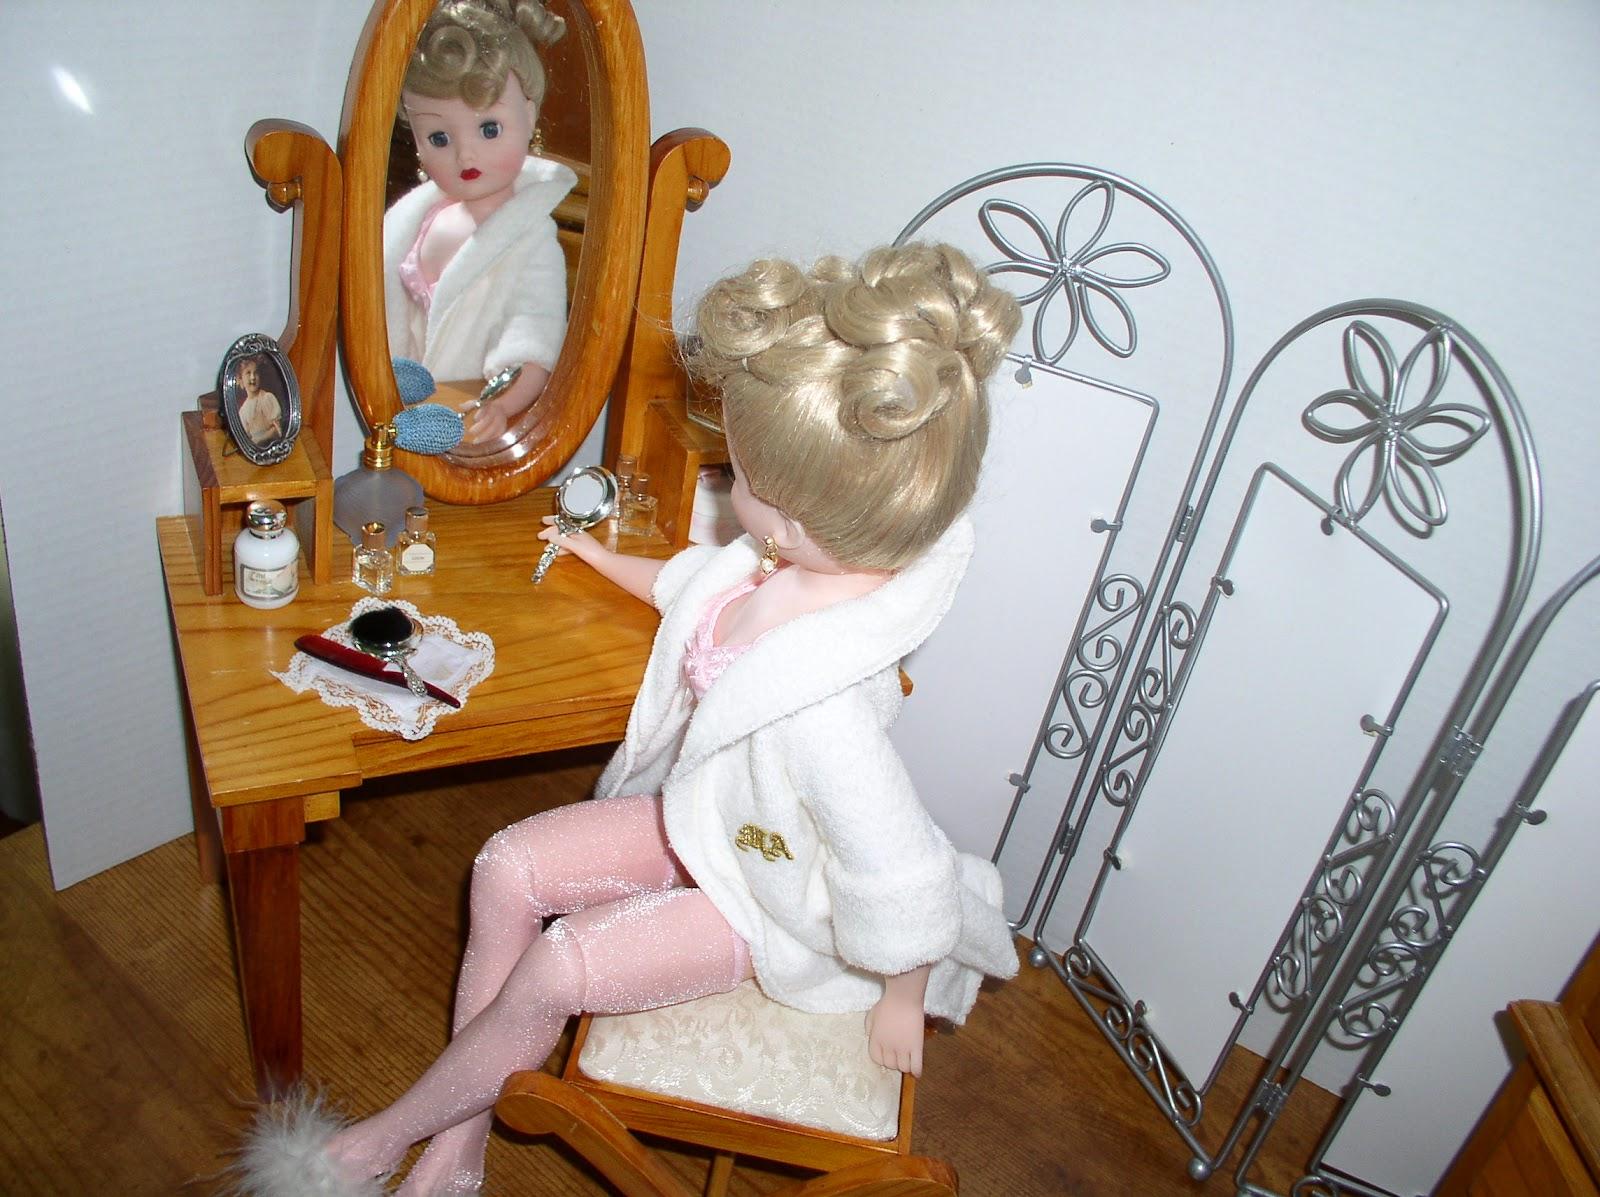 http://3.bp.blogspot.com/-sZV-yjJ-zrE/T43kg_6MxTI/AAAAAAAAASA/ijZeaq2gZP4/s1600/Morning+Ritual+dressing+table.JPG